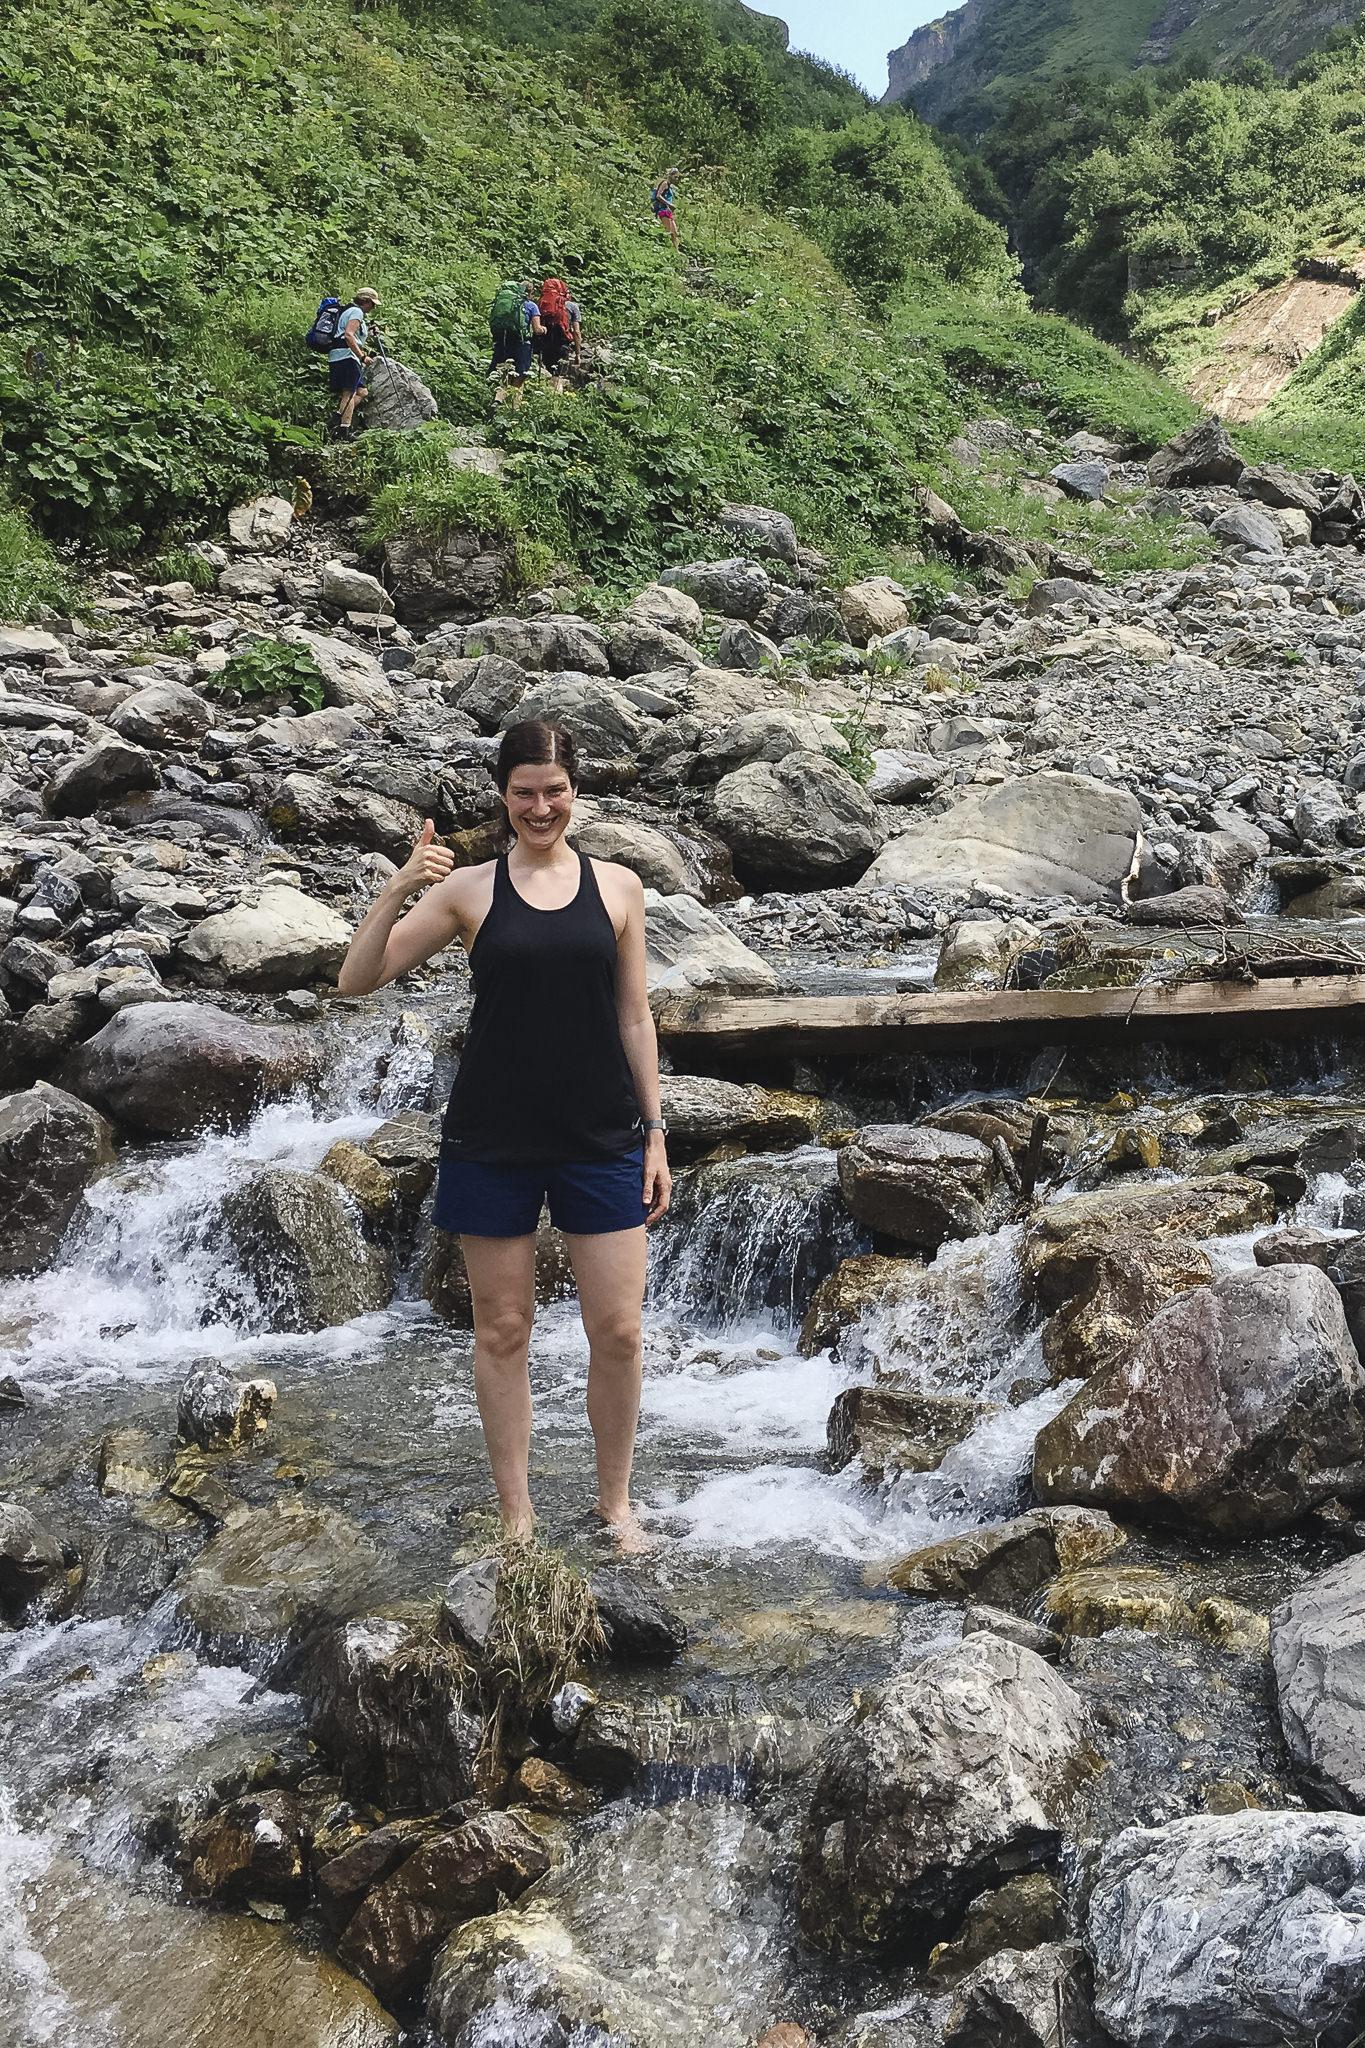 Alpenüberquerung Tag 1 - bei großer Hitzer kühle ich meine Füße im Wasser